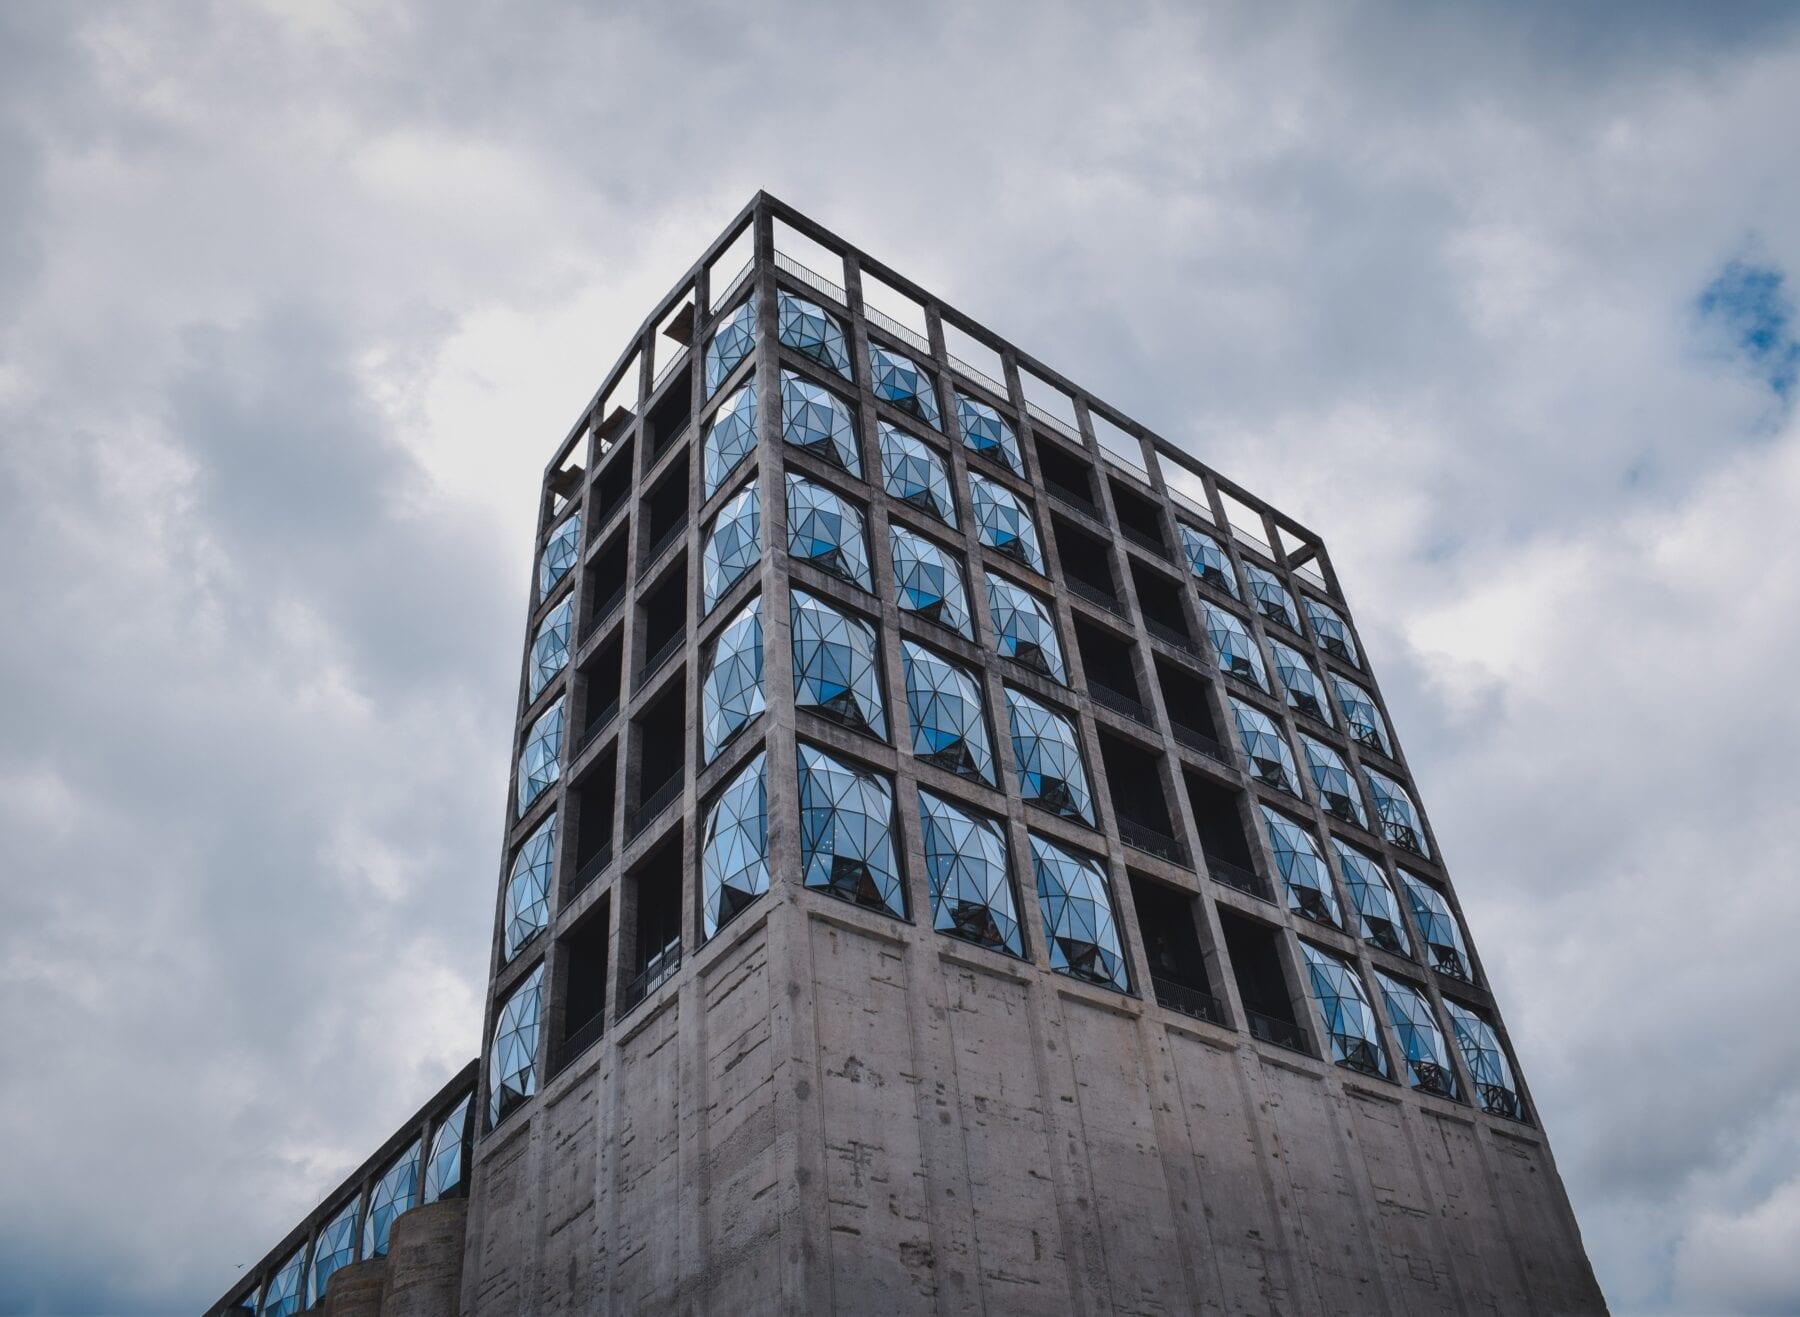 Zuid-Afrika gebouw Waterfront